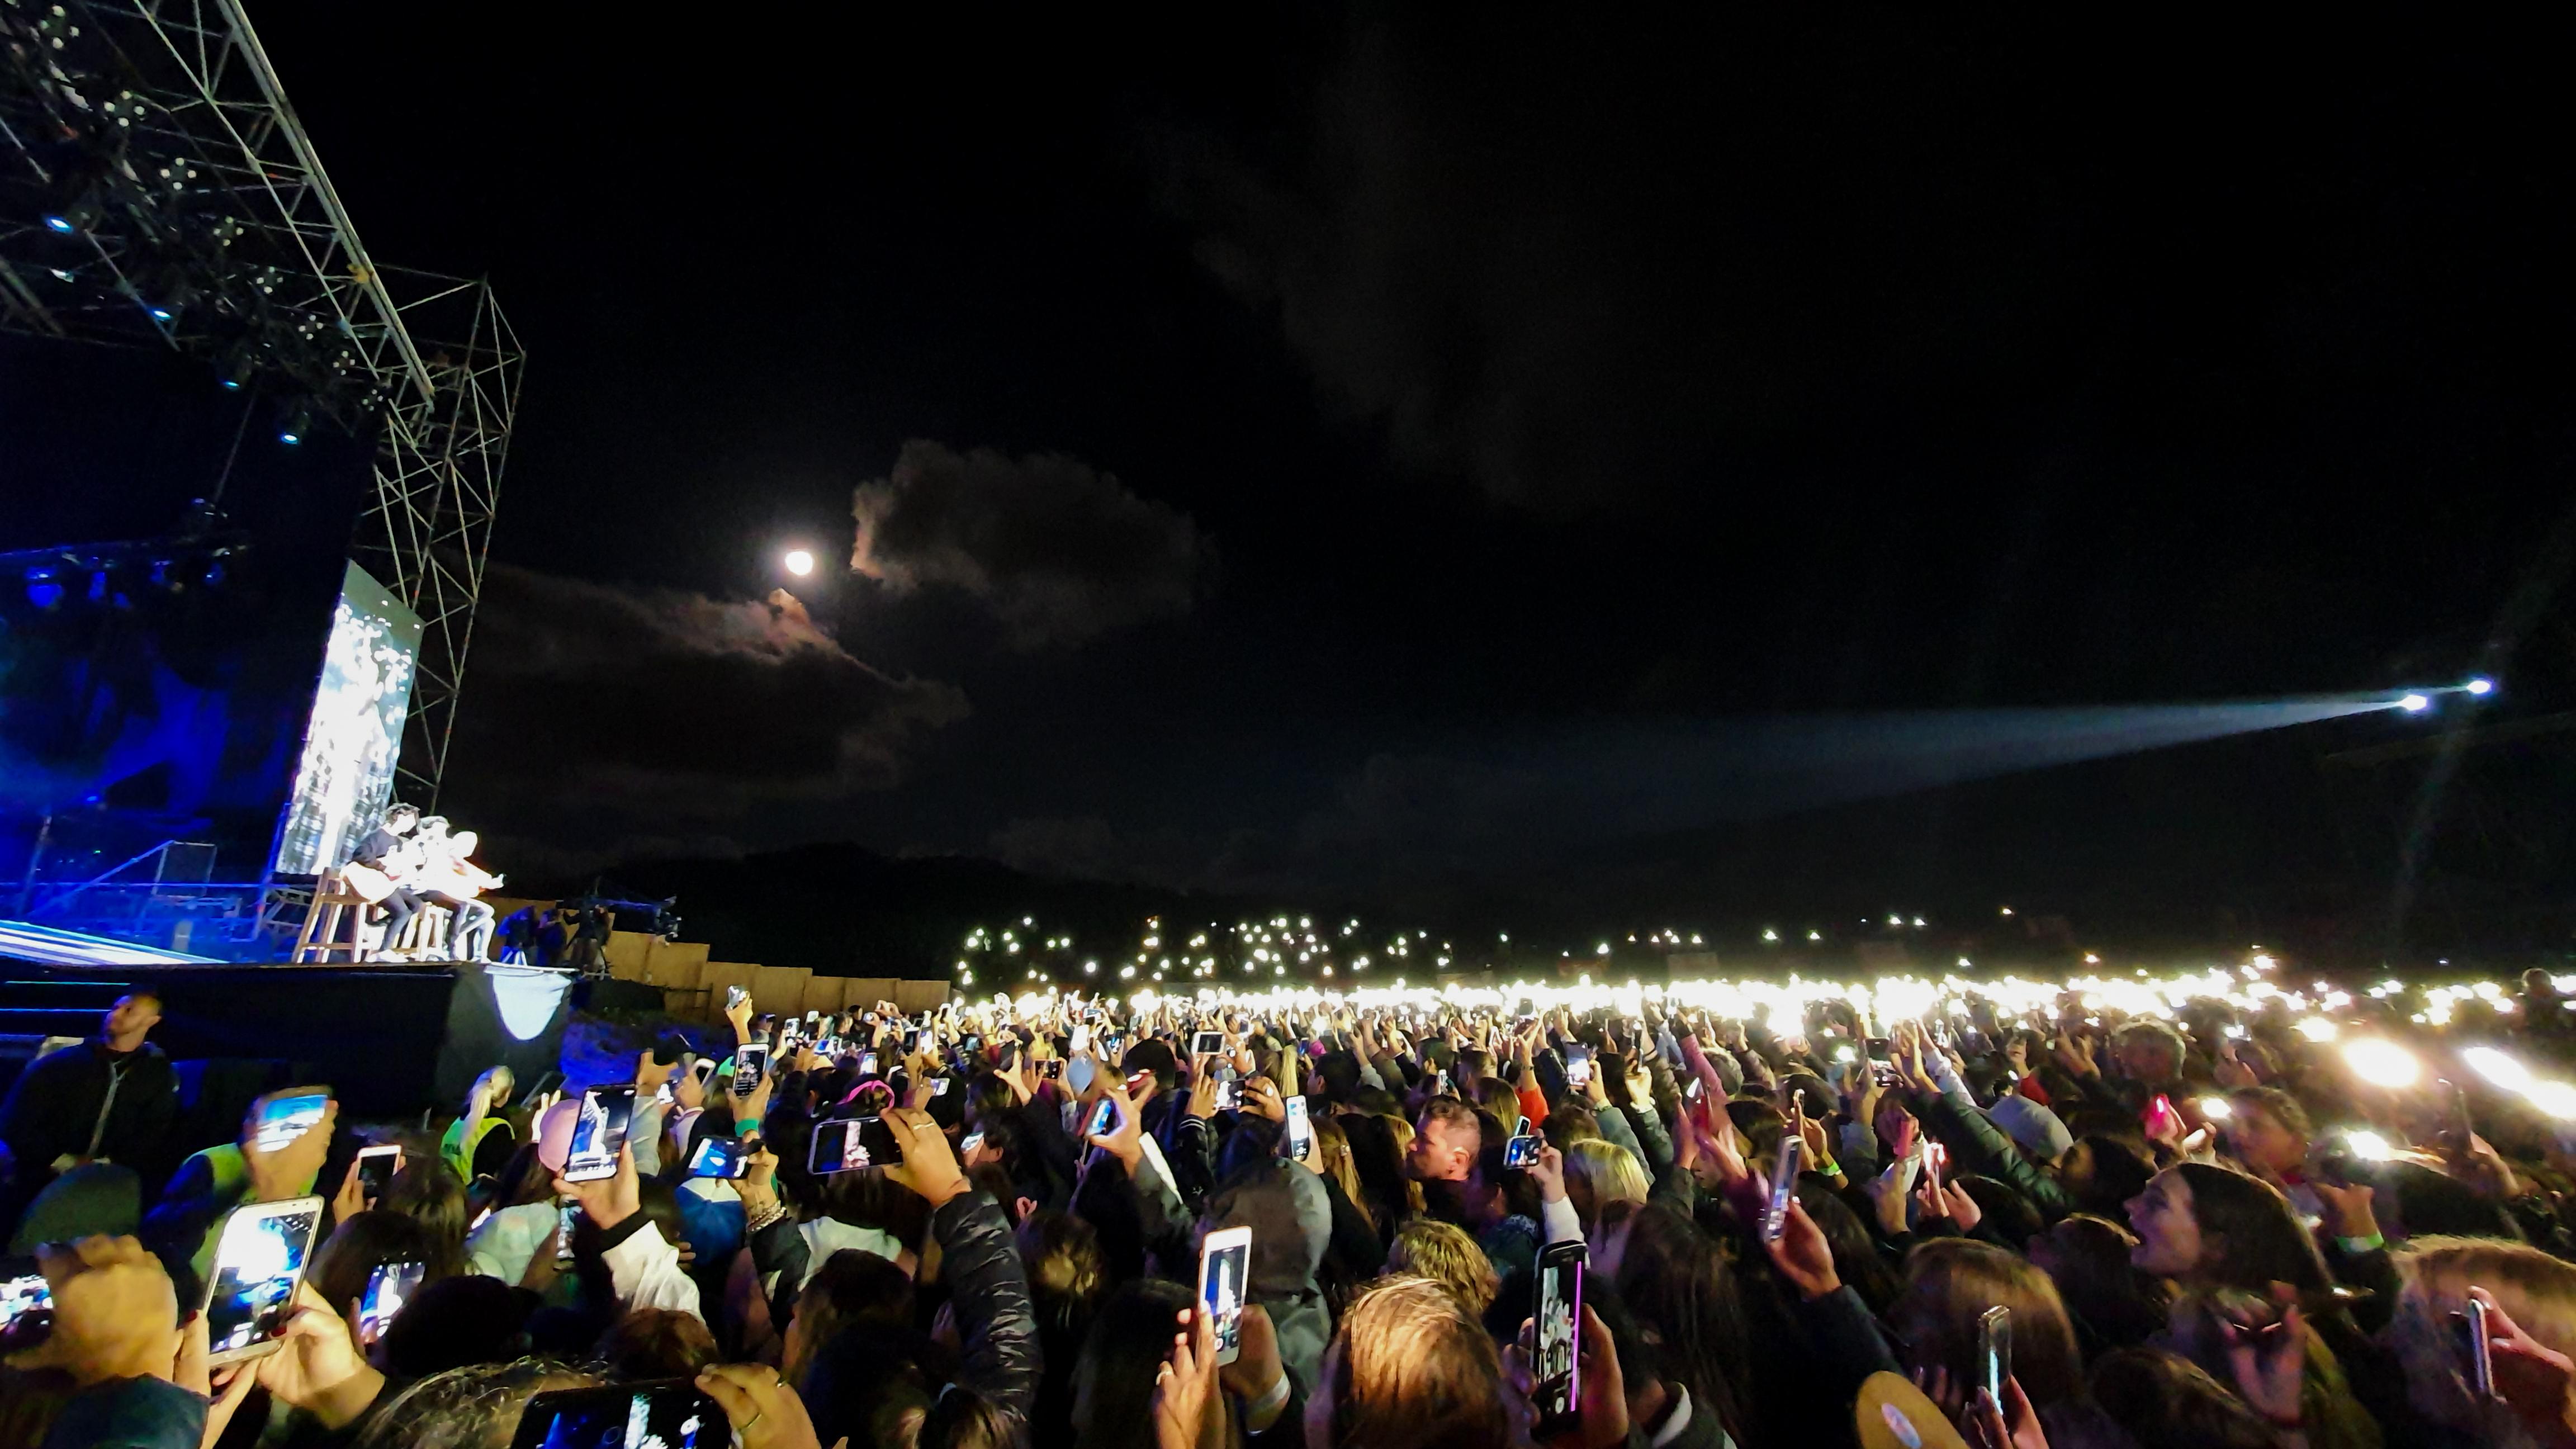 Con nominaciones a los Grammy y a otros importantes premios, récords de público en los conciertos y millones de vistas en sus videos, Sebastián Yatra se posiciona como uno de los artistas latinos más influyentes del momento